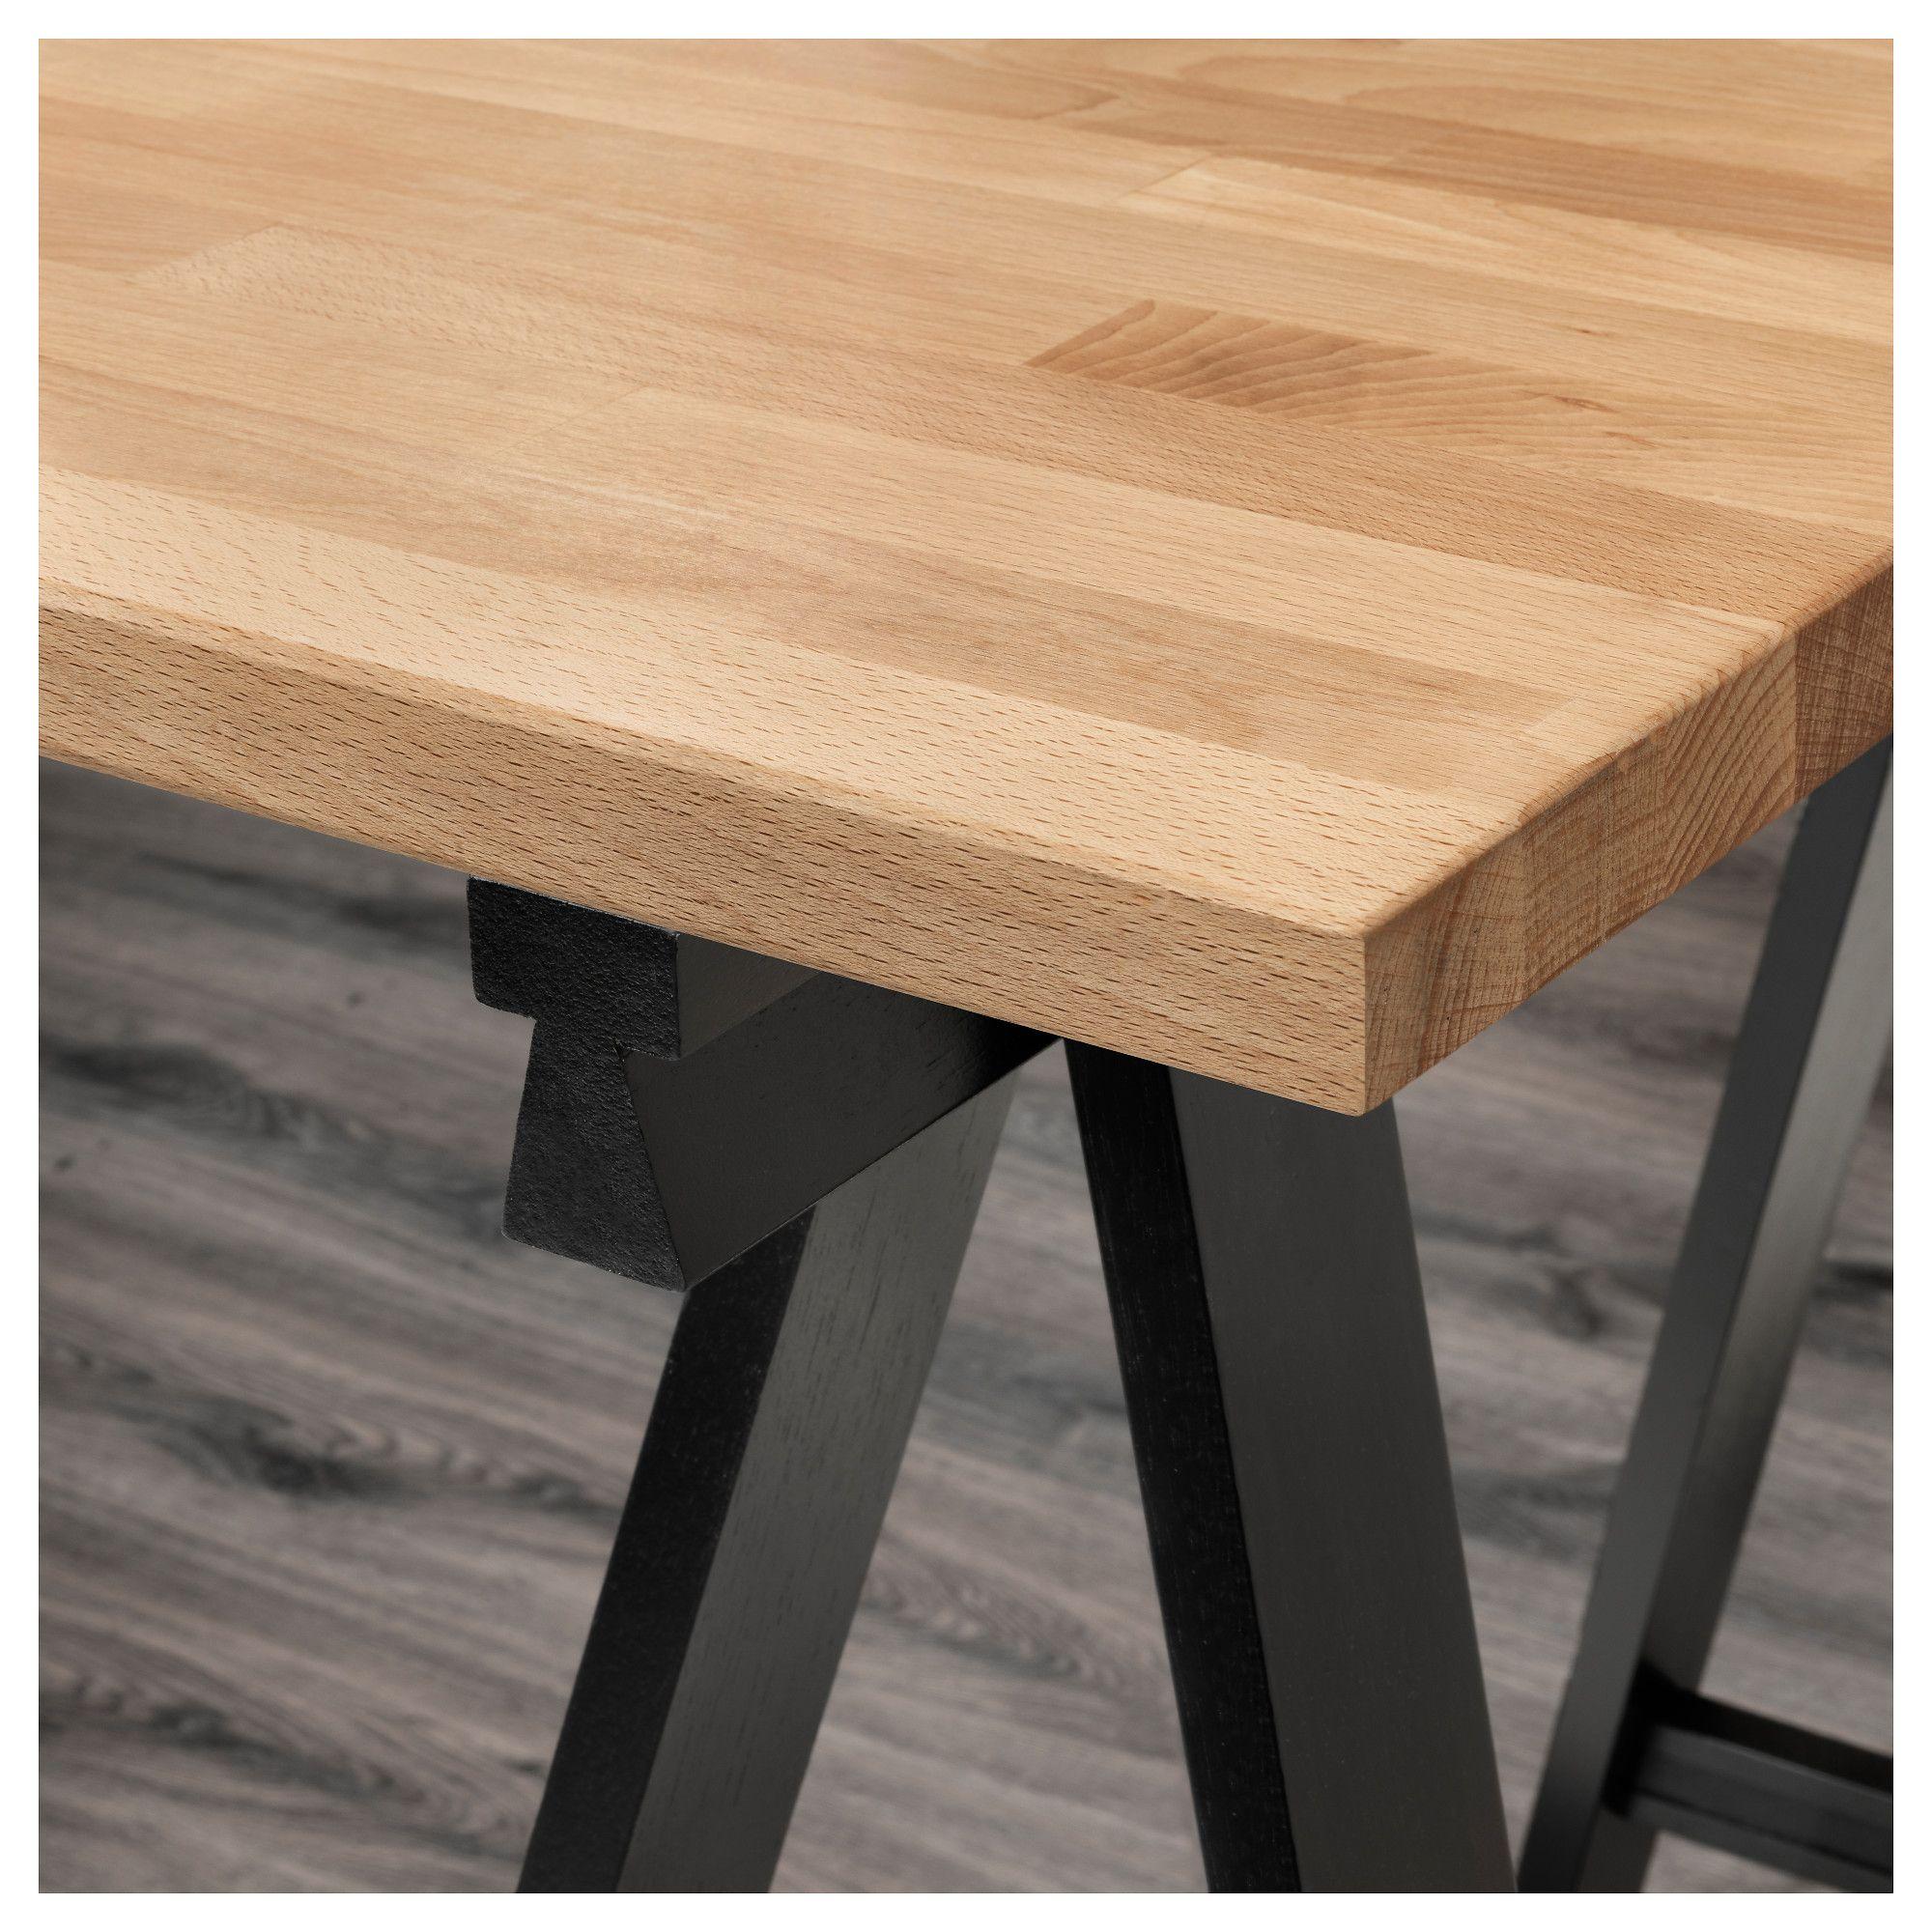 Gerton Tisch Buche Schwarz Weiss Ikea Osterreich Tisch Ikea